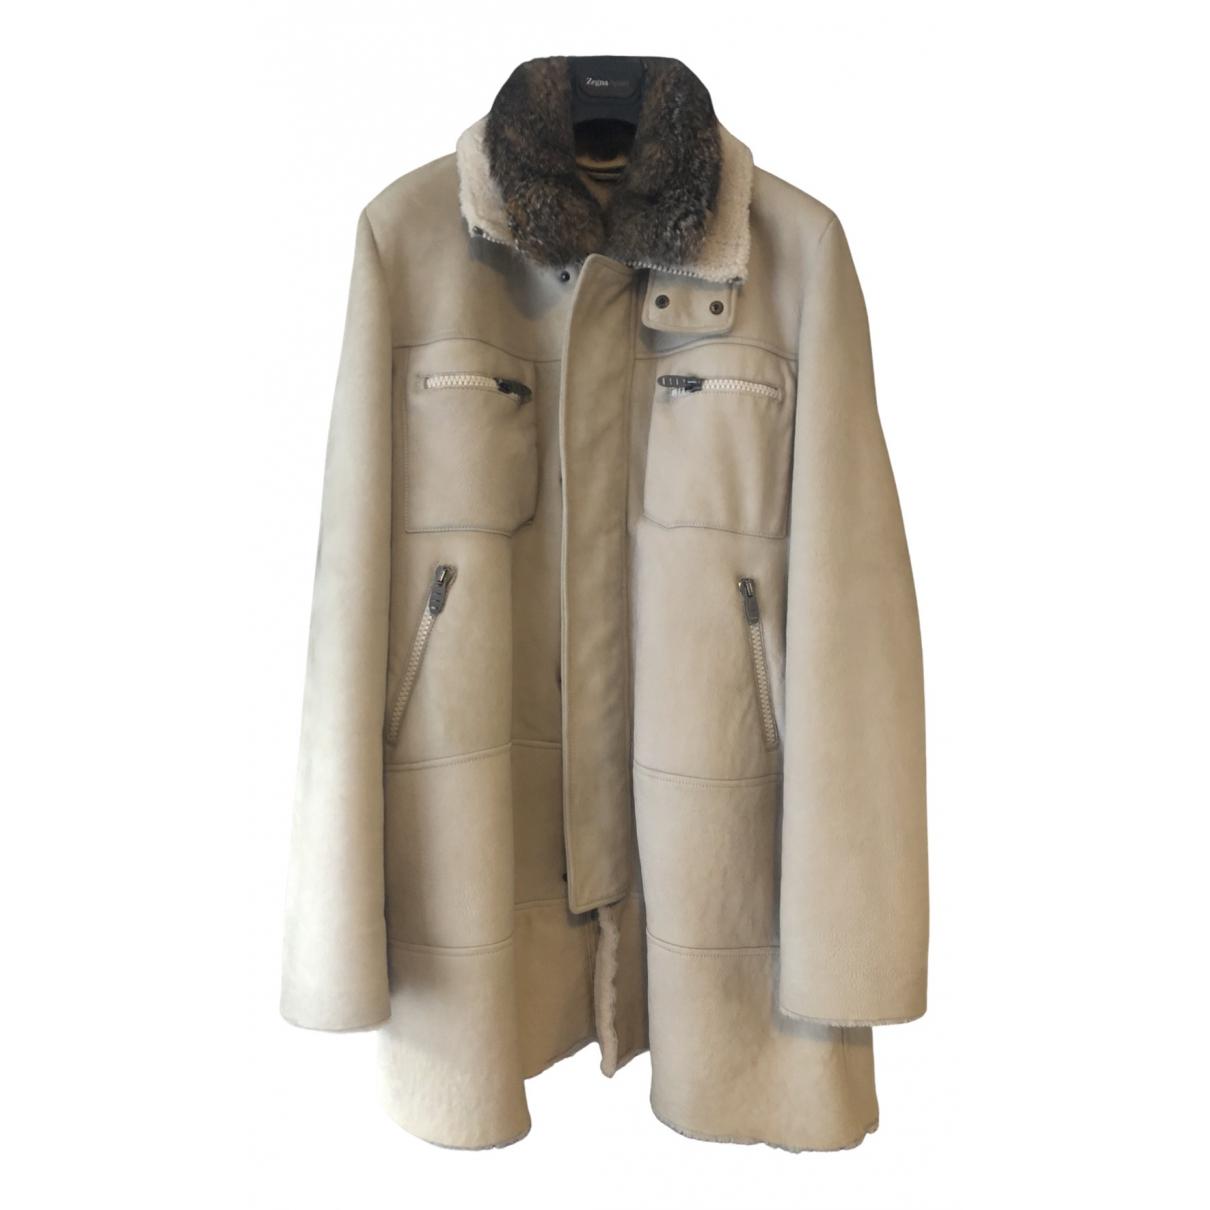 Ermanno Scervino - Manteau   pour homme en fourrure - beige